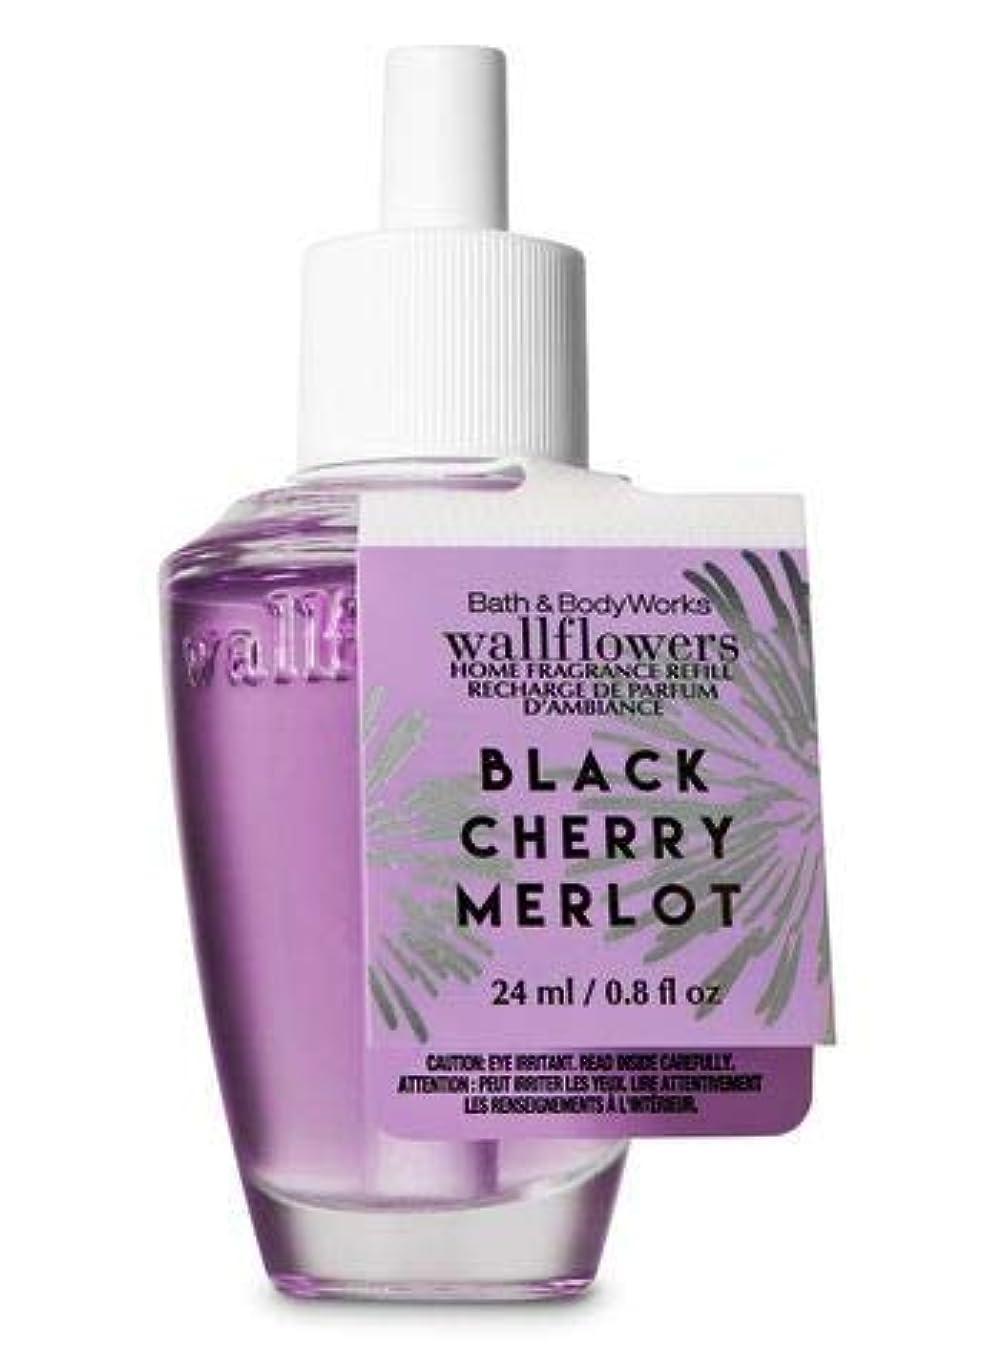 新鮮な代理人くちばし【Bath&Body Works/バス&ボディワークス】 ルームフレグランス 詰替えリフィル ブラックチェリーメルロー Wallflowers Home Fragrance Refill Black Cherry Merlot [並行輸入品]